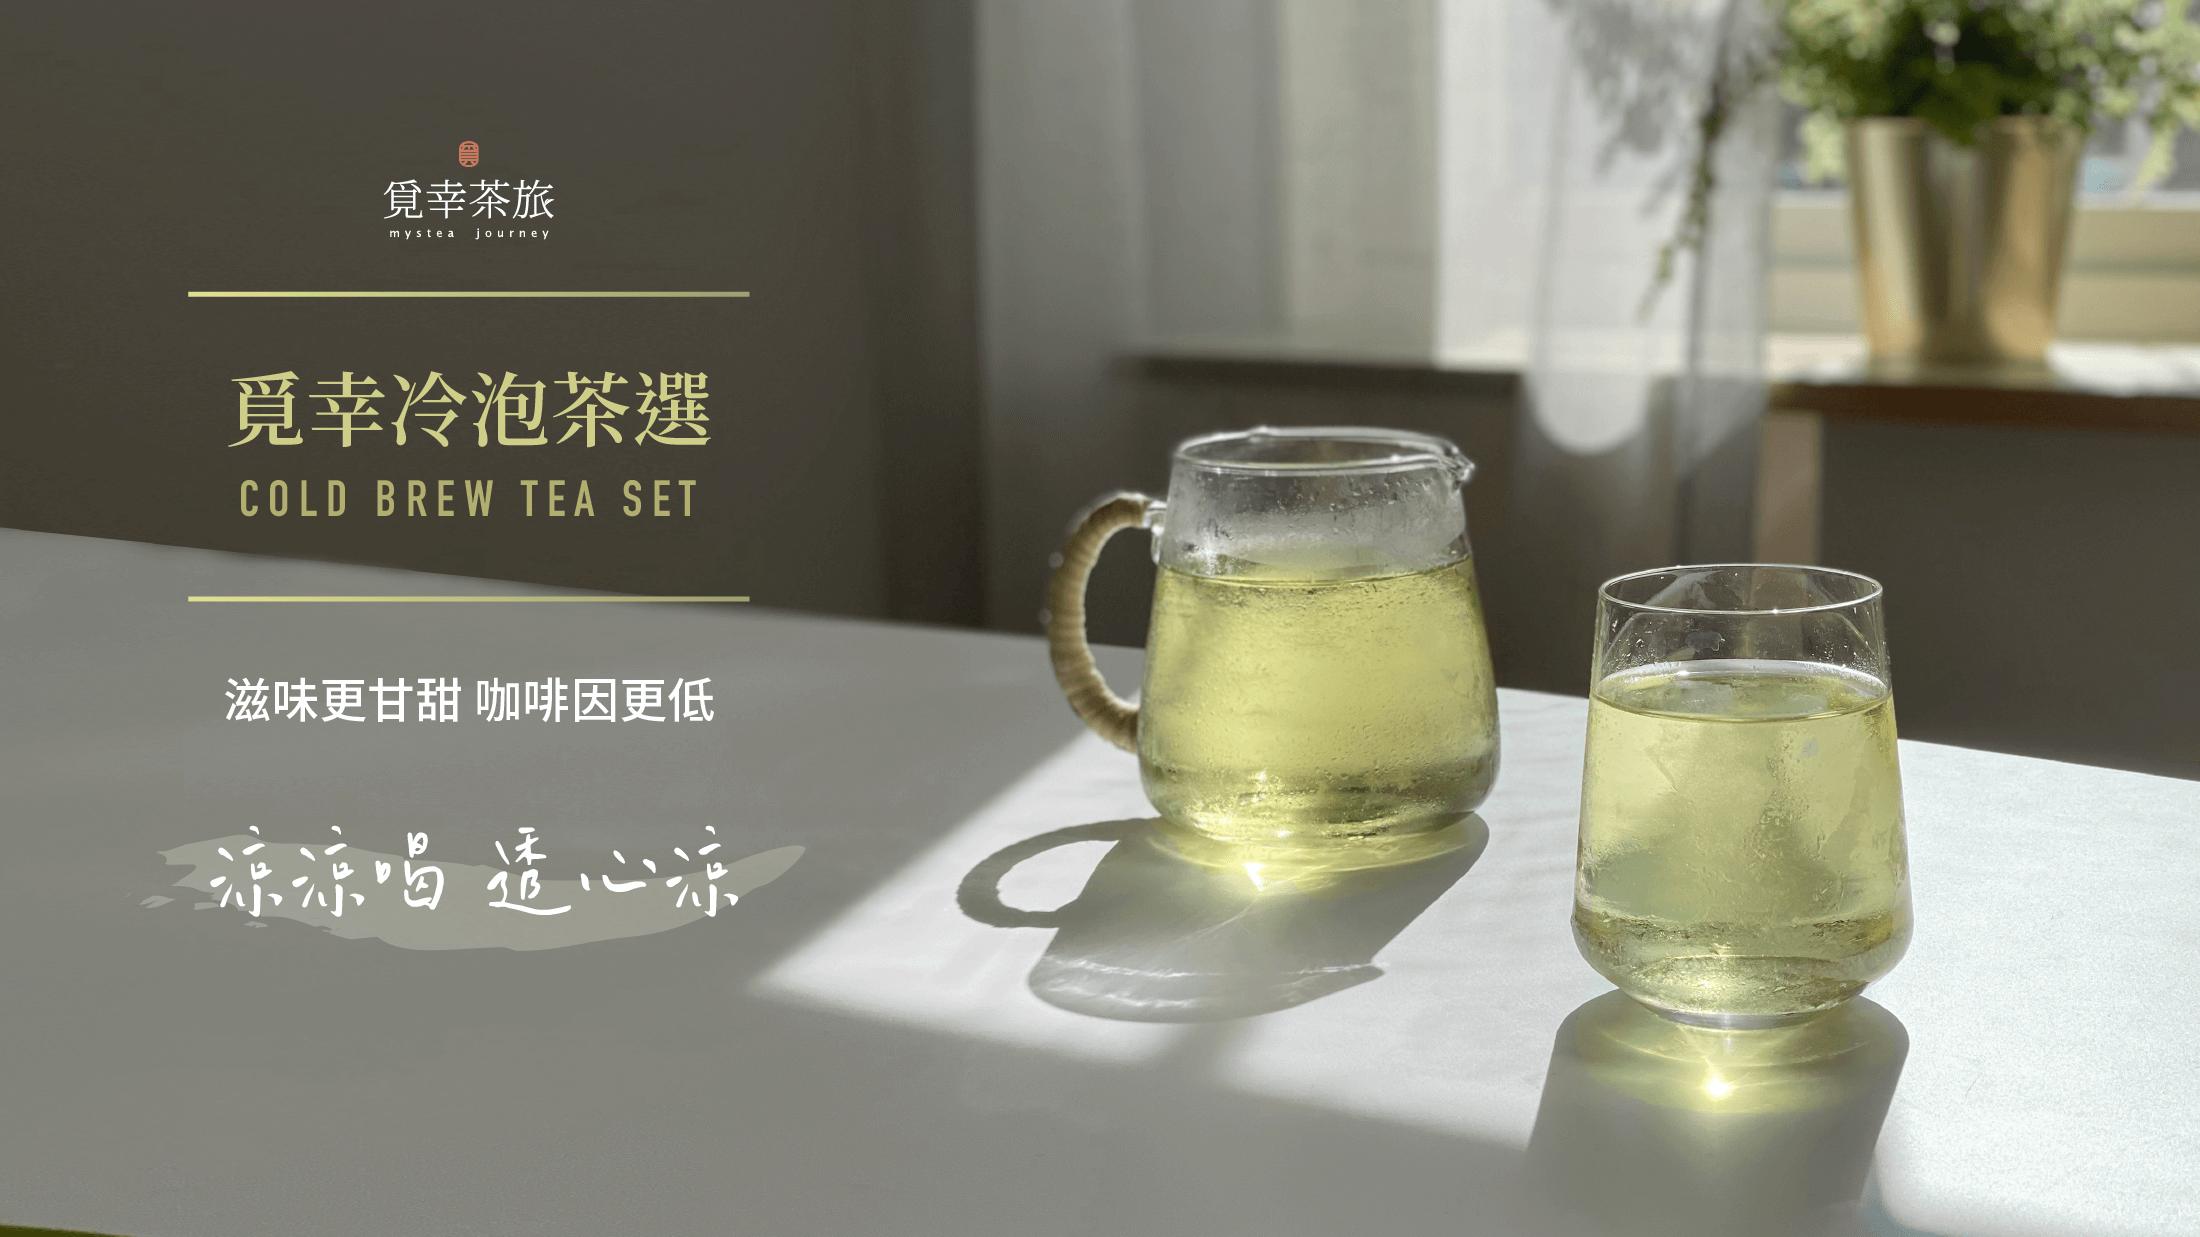 冷泡茶選茶品